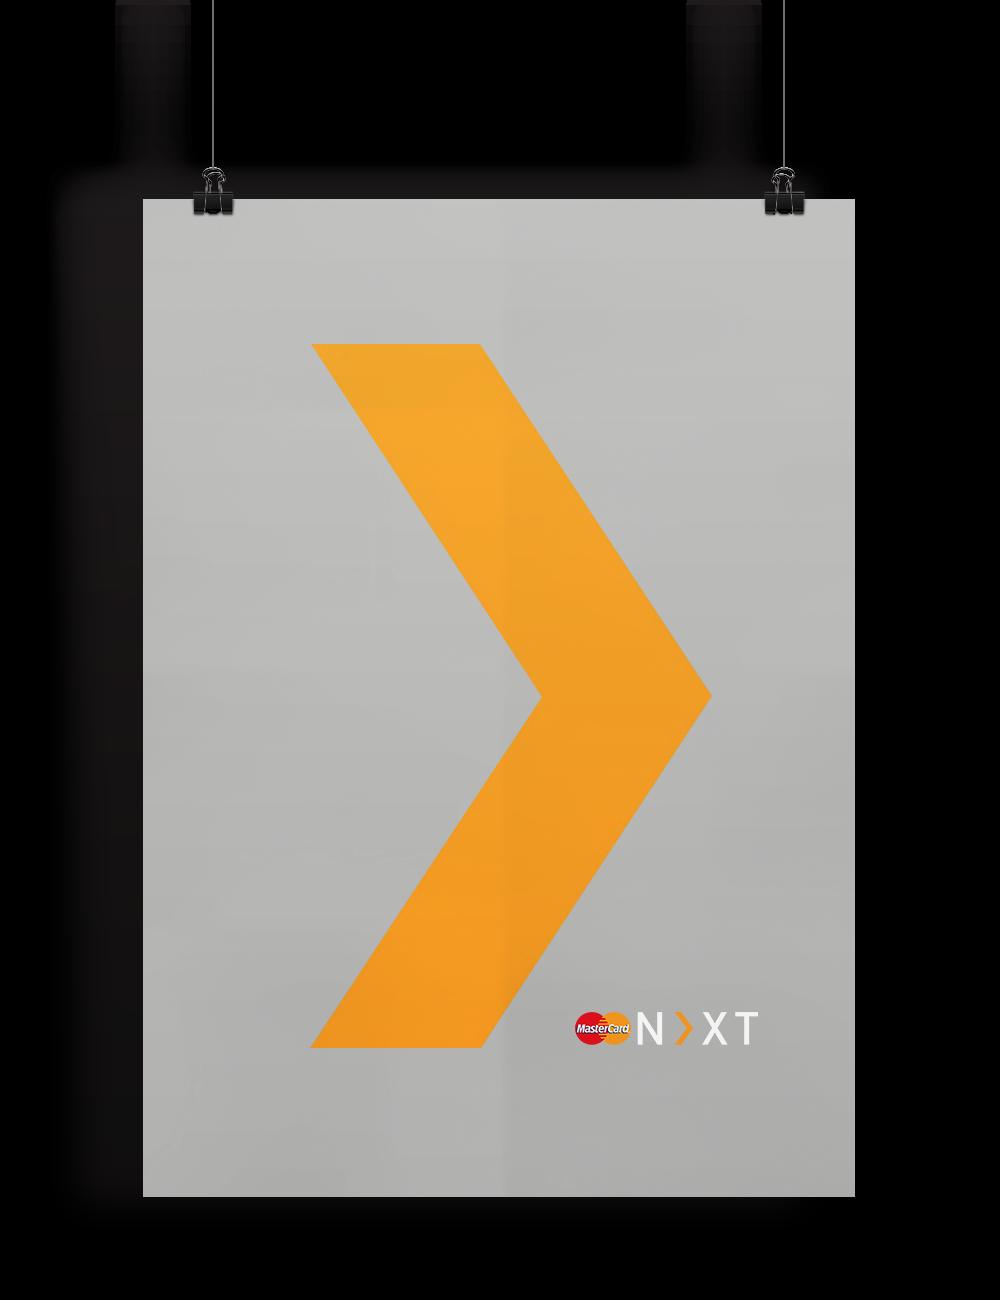 MC_NXT_Poster_Wayfinding